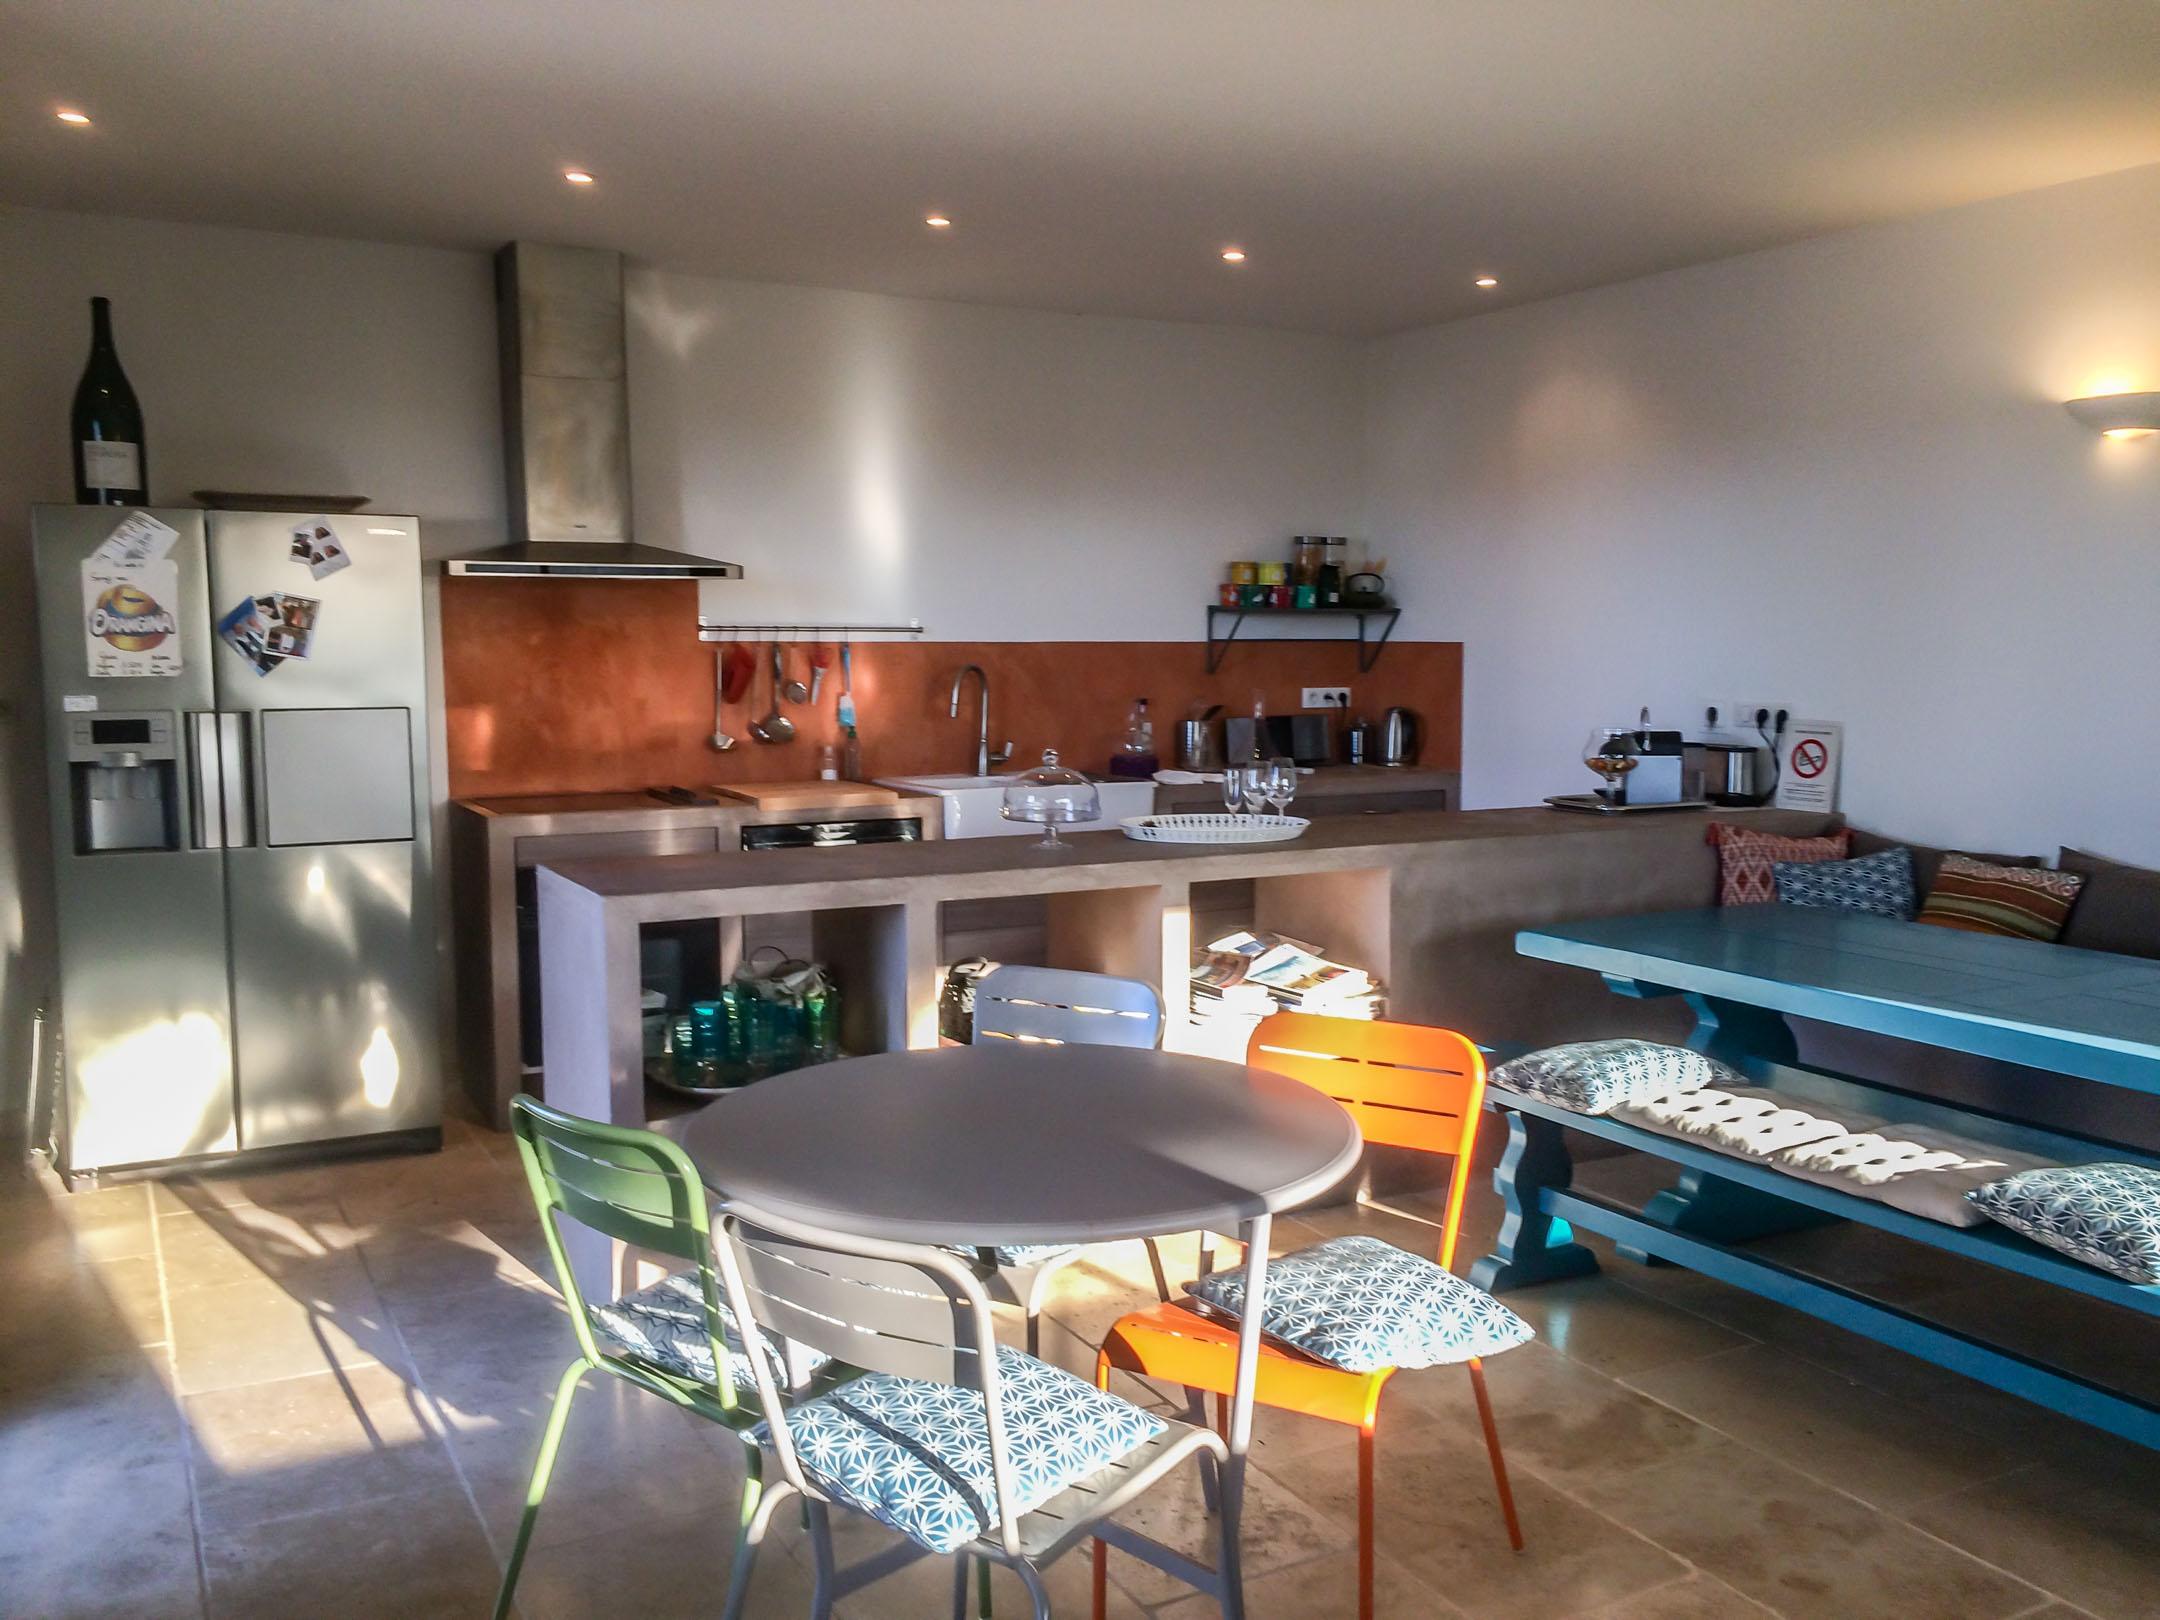 location maisons villas sud France HC06 Gite HAPHIKE